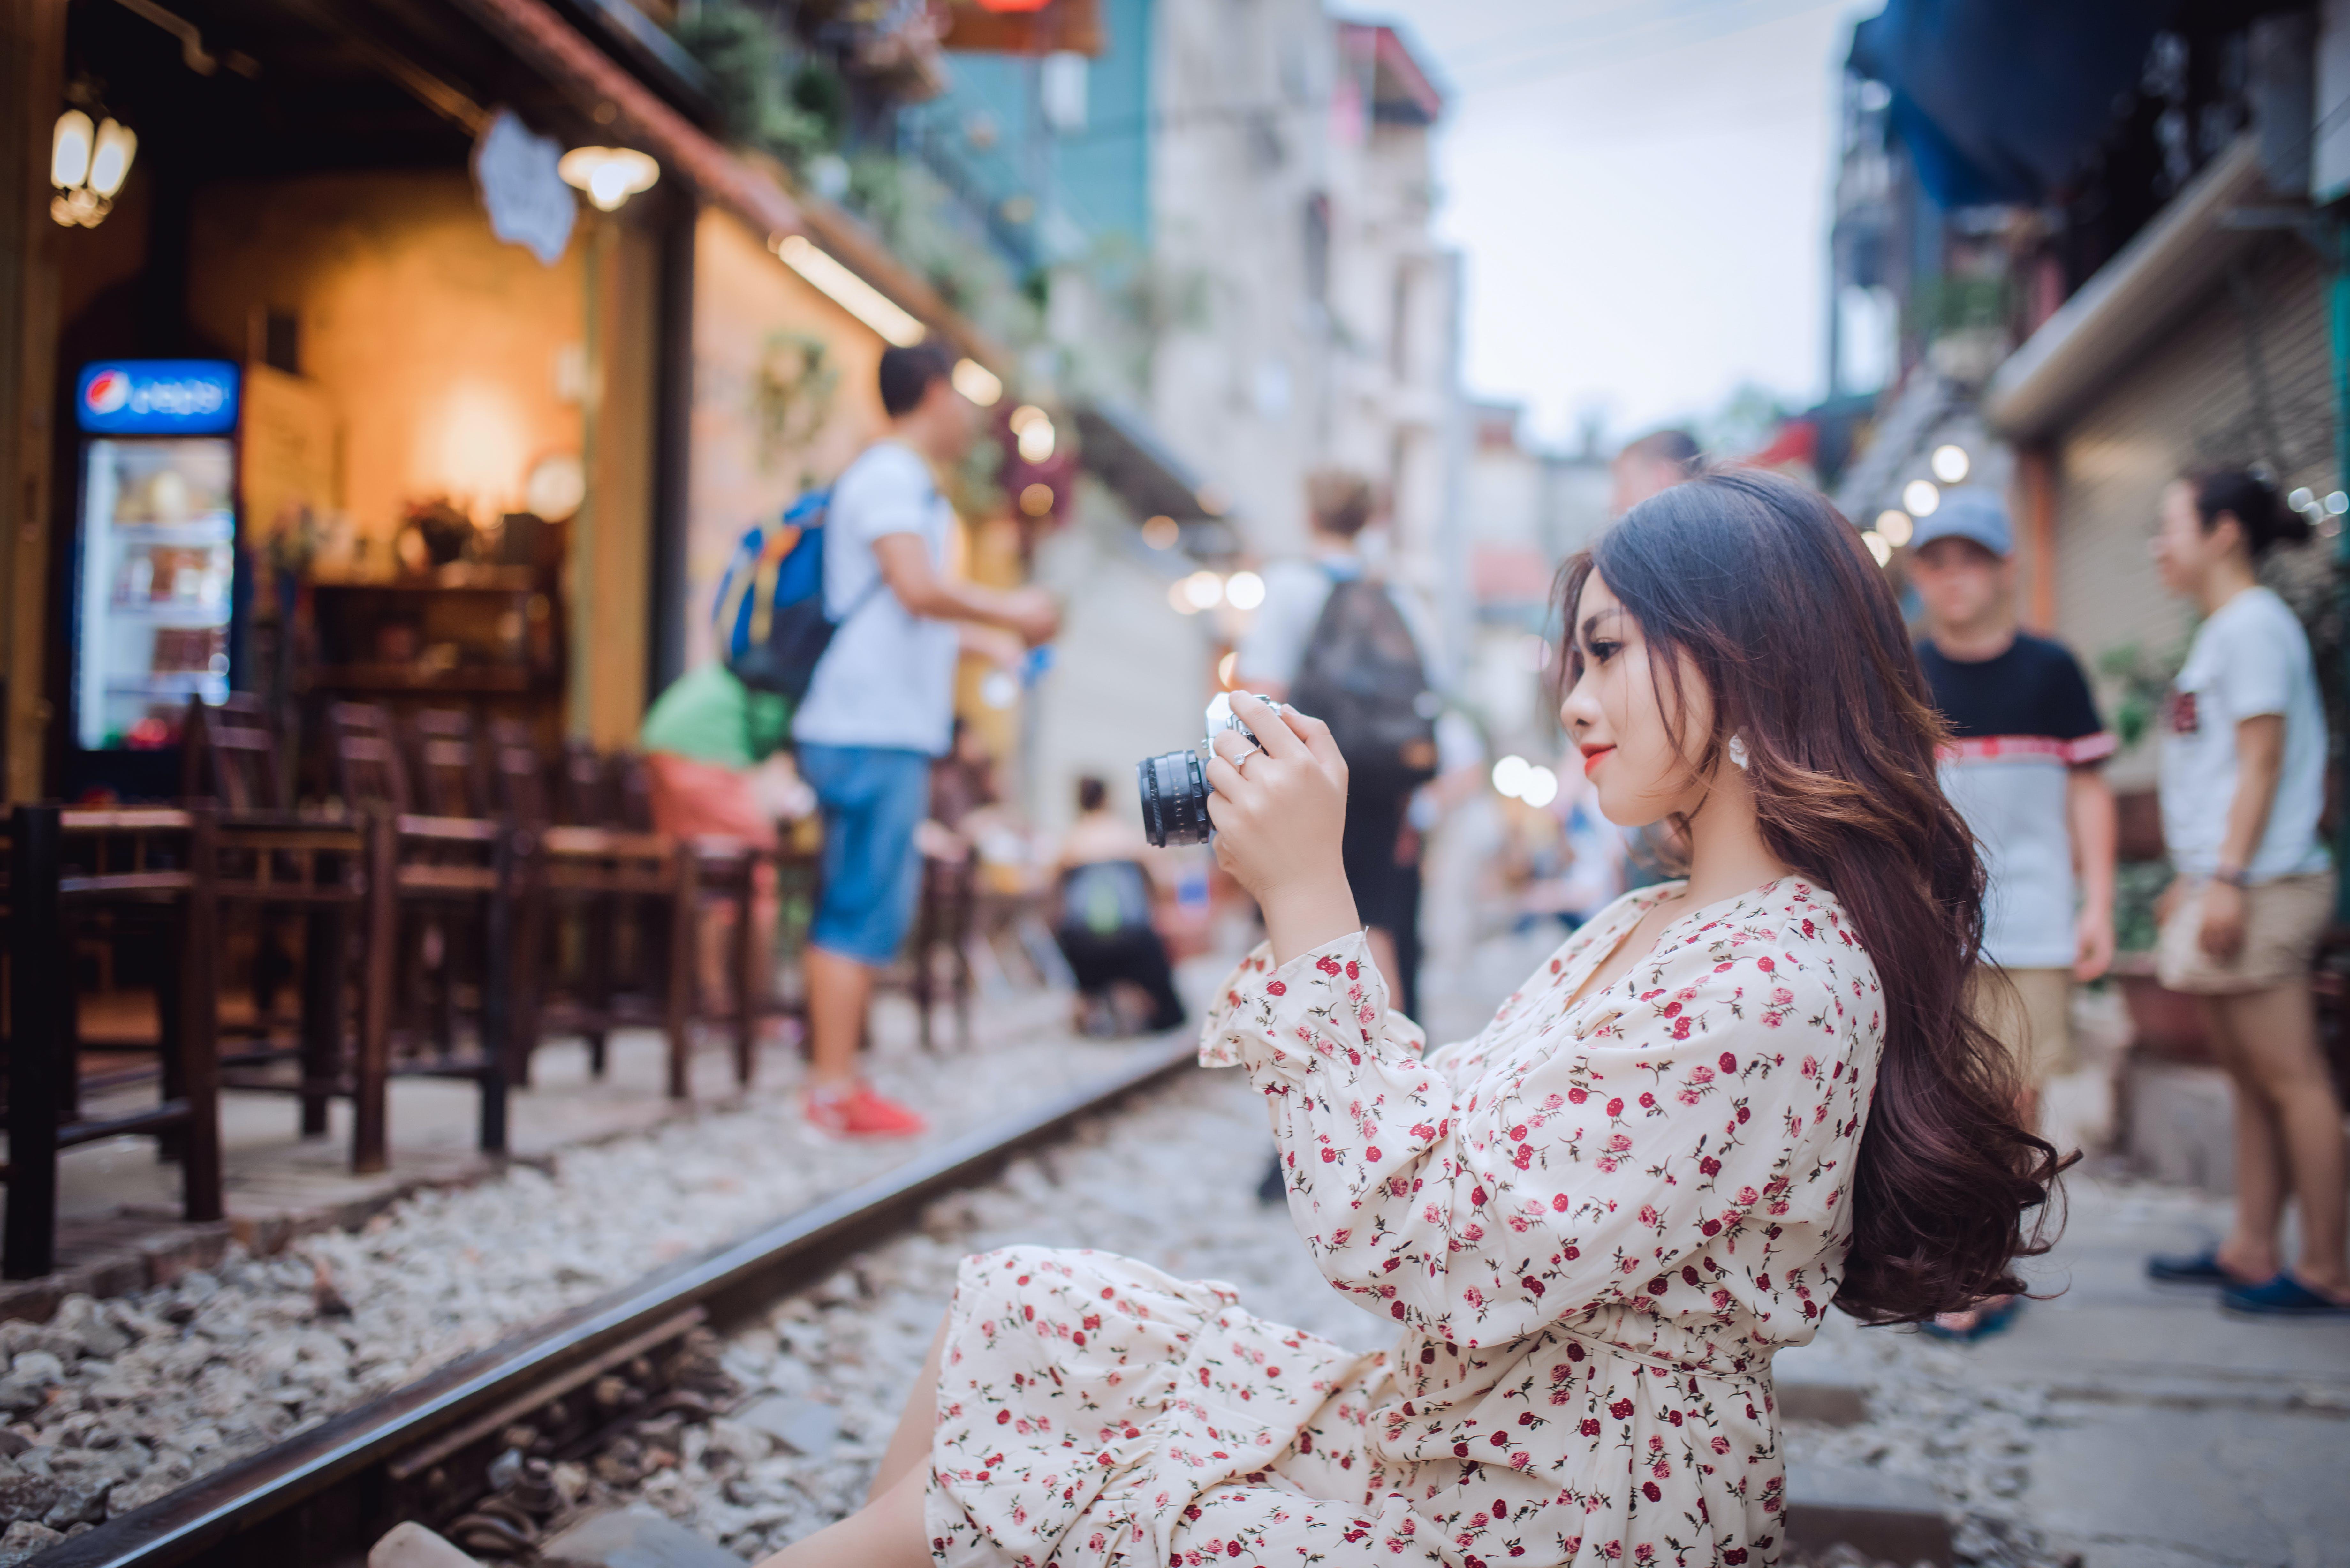 aşındırmak, cazibe, Fotoğraf çekmek, fotoğrafçı içeren Ücretsiz stok fotoğraf